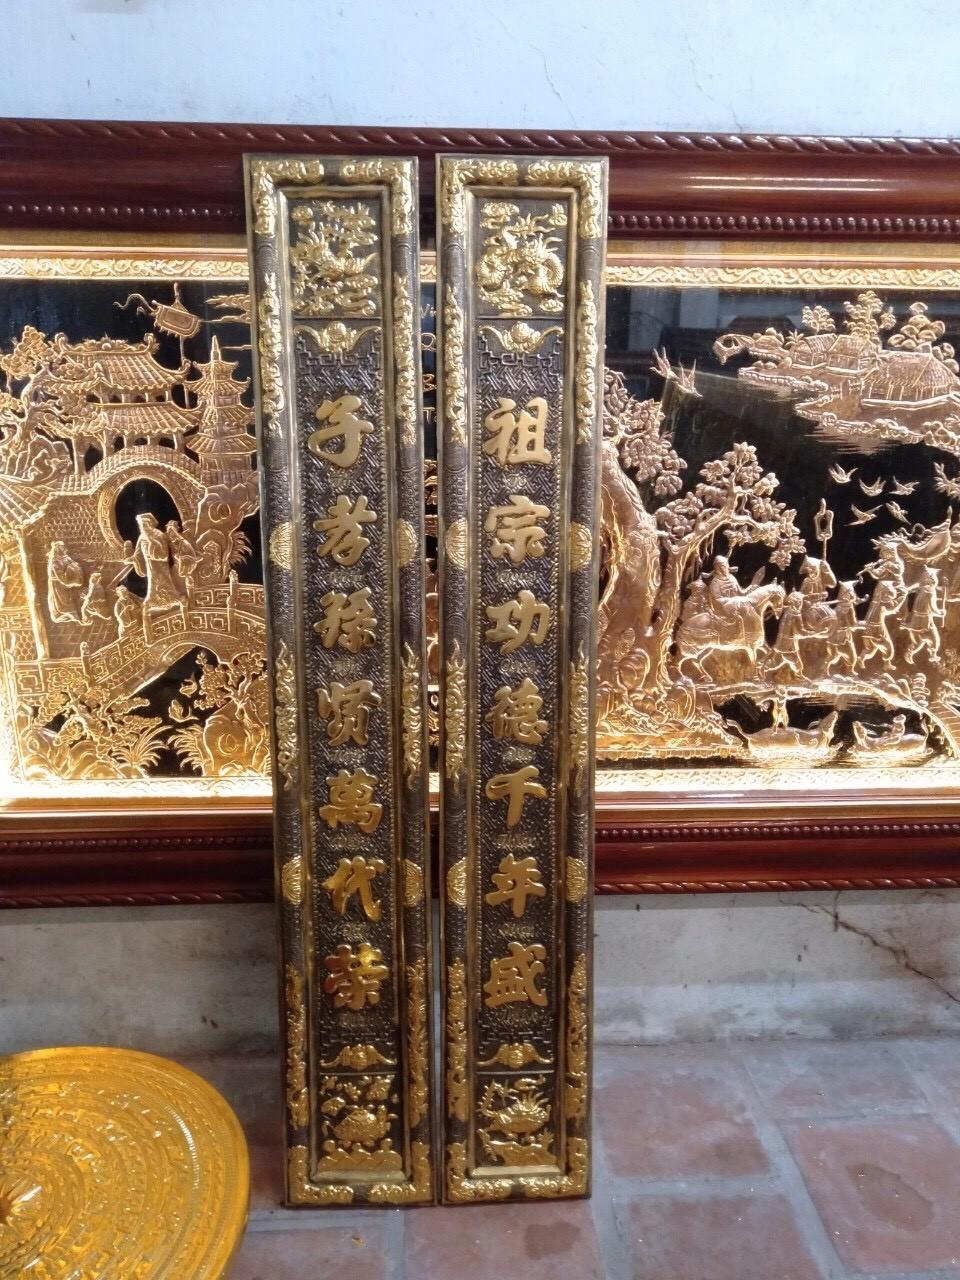 Bộ hoành phi câu đối bằng đồng vàng giả cổ  của Đồ đồng Việt